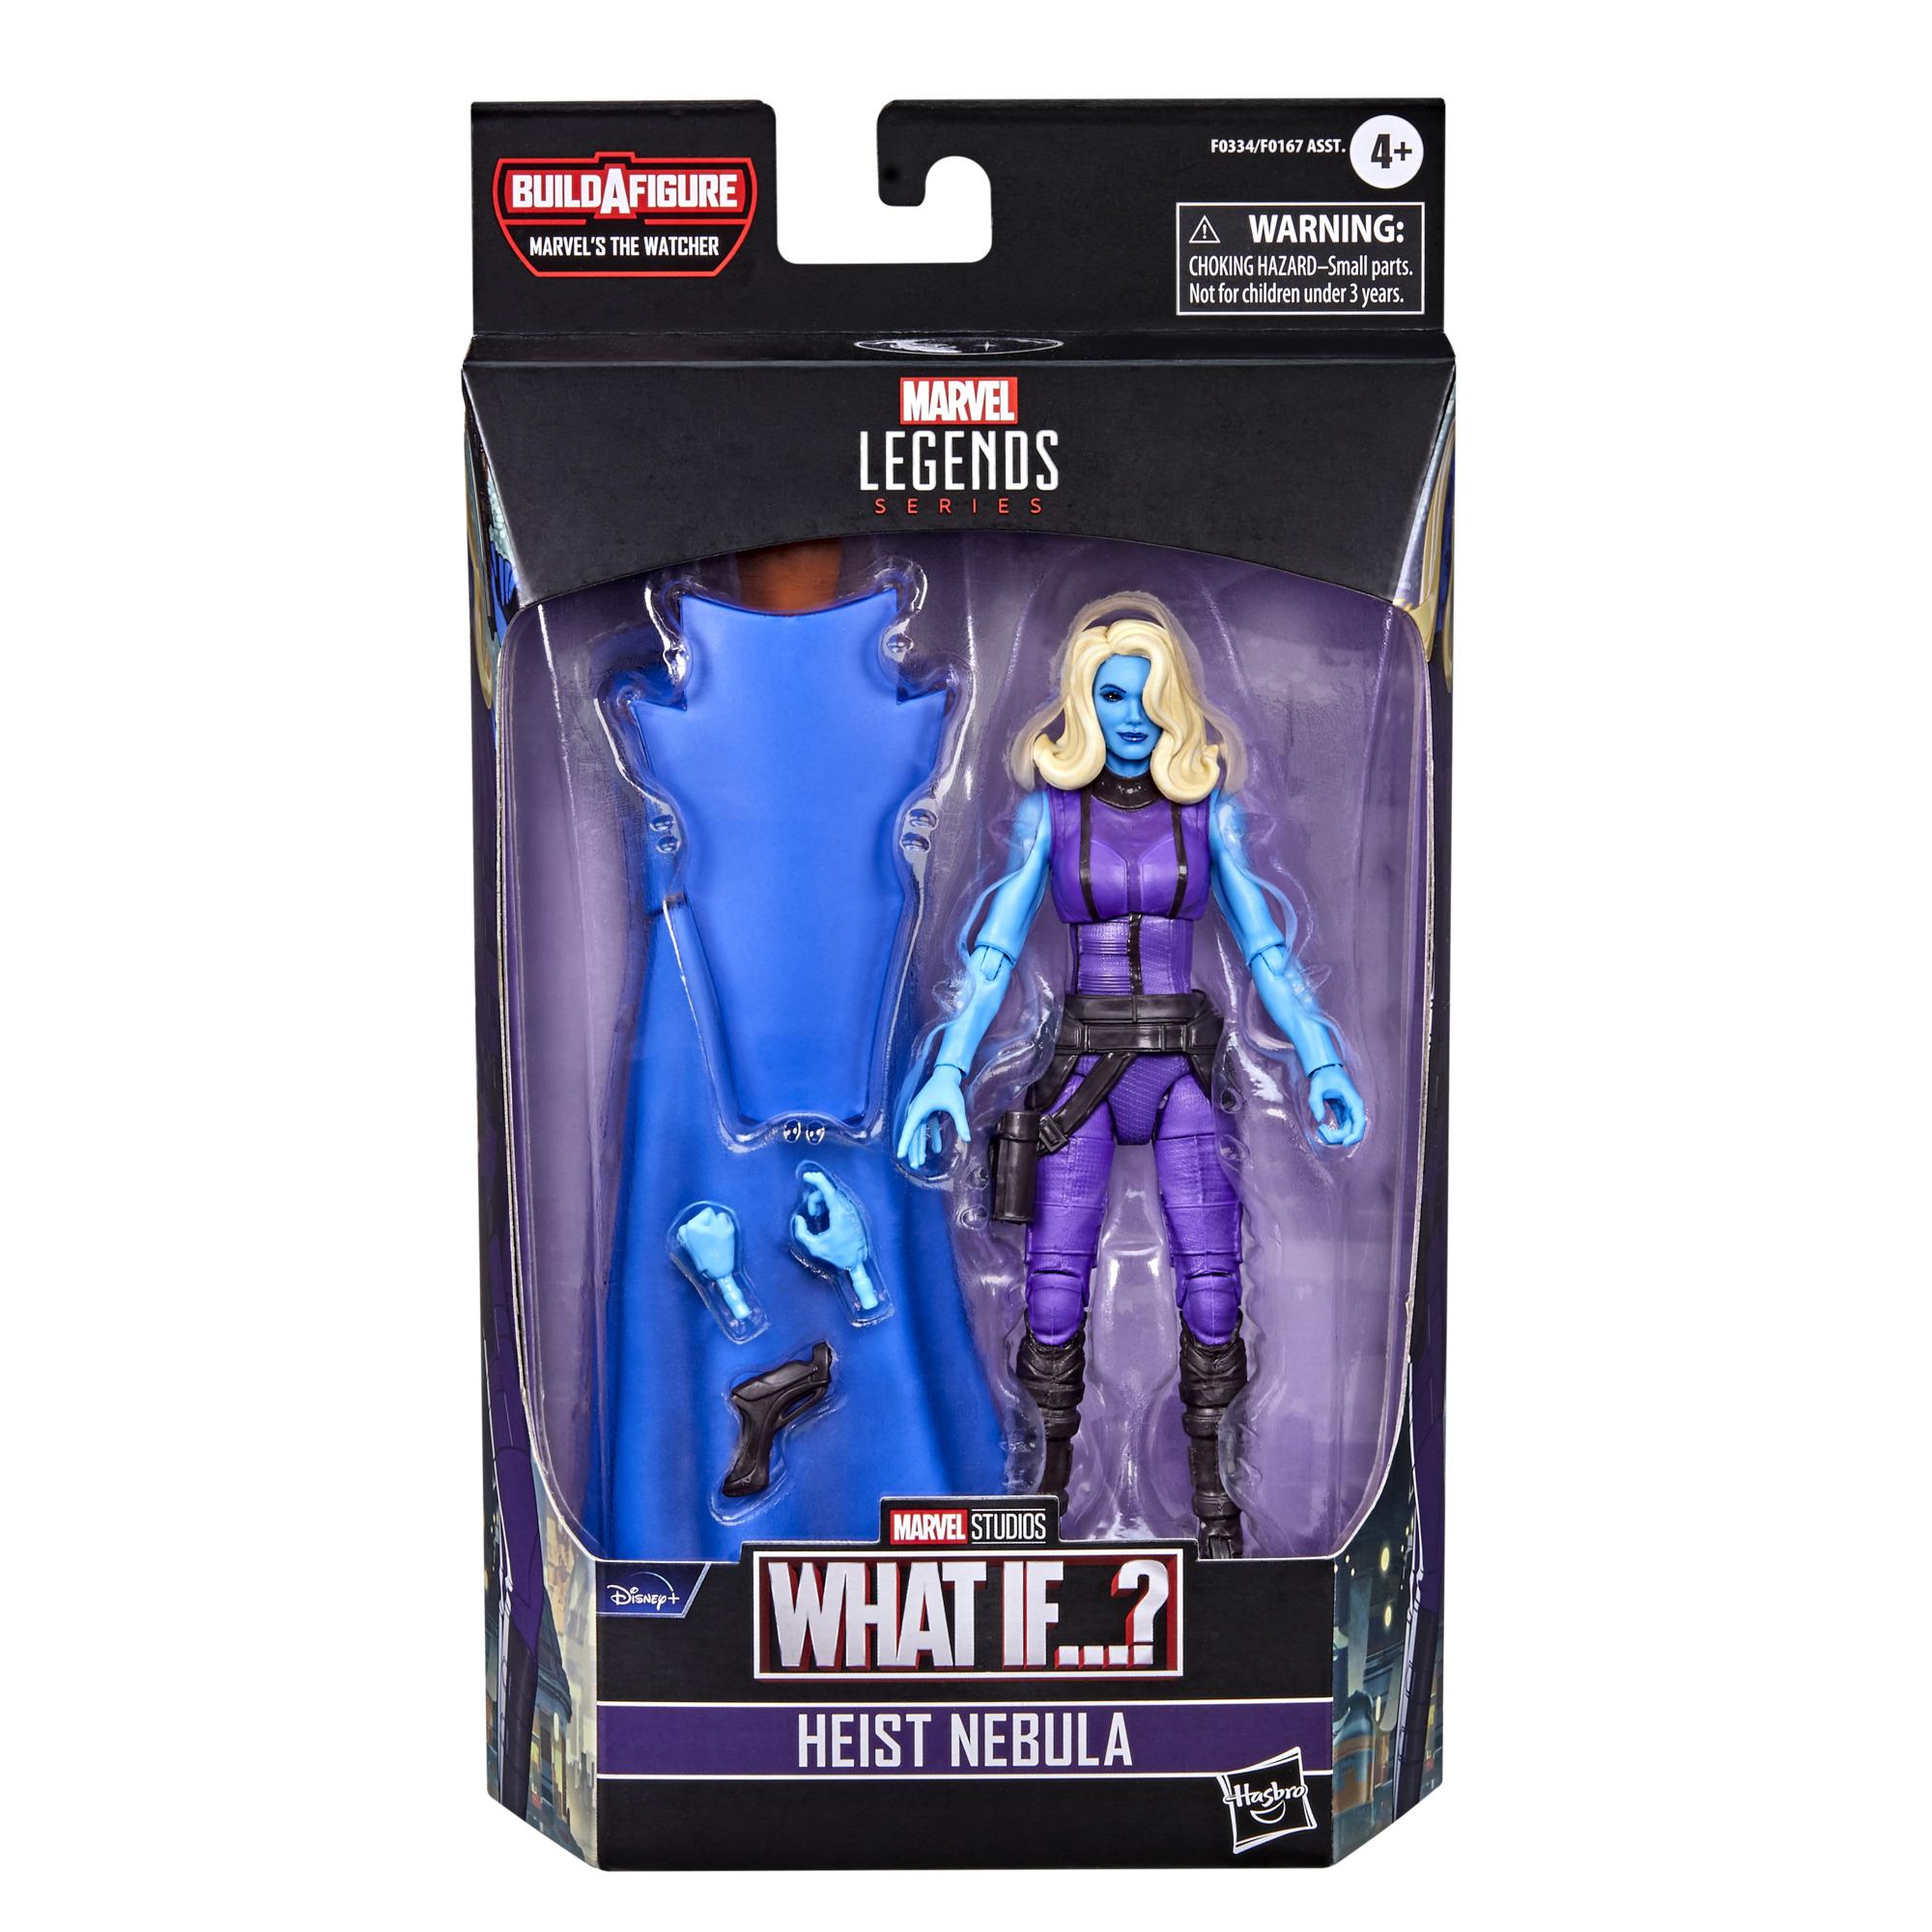 Marvel Legends Series Marvel's Heist Nebula